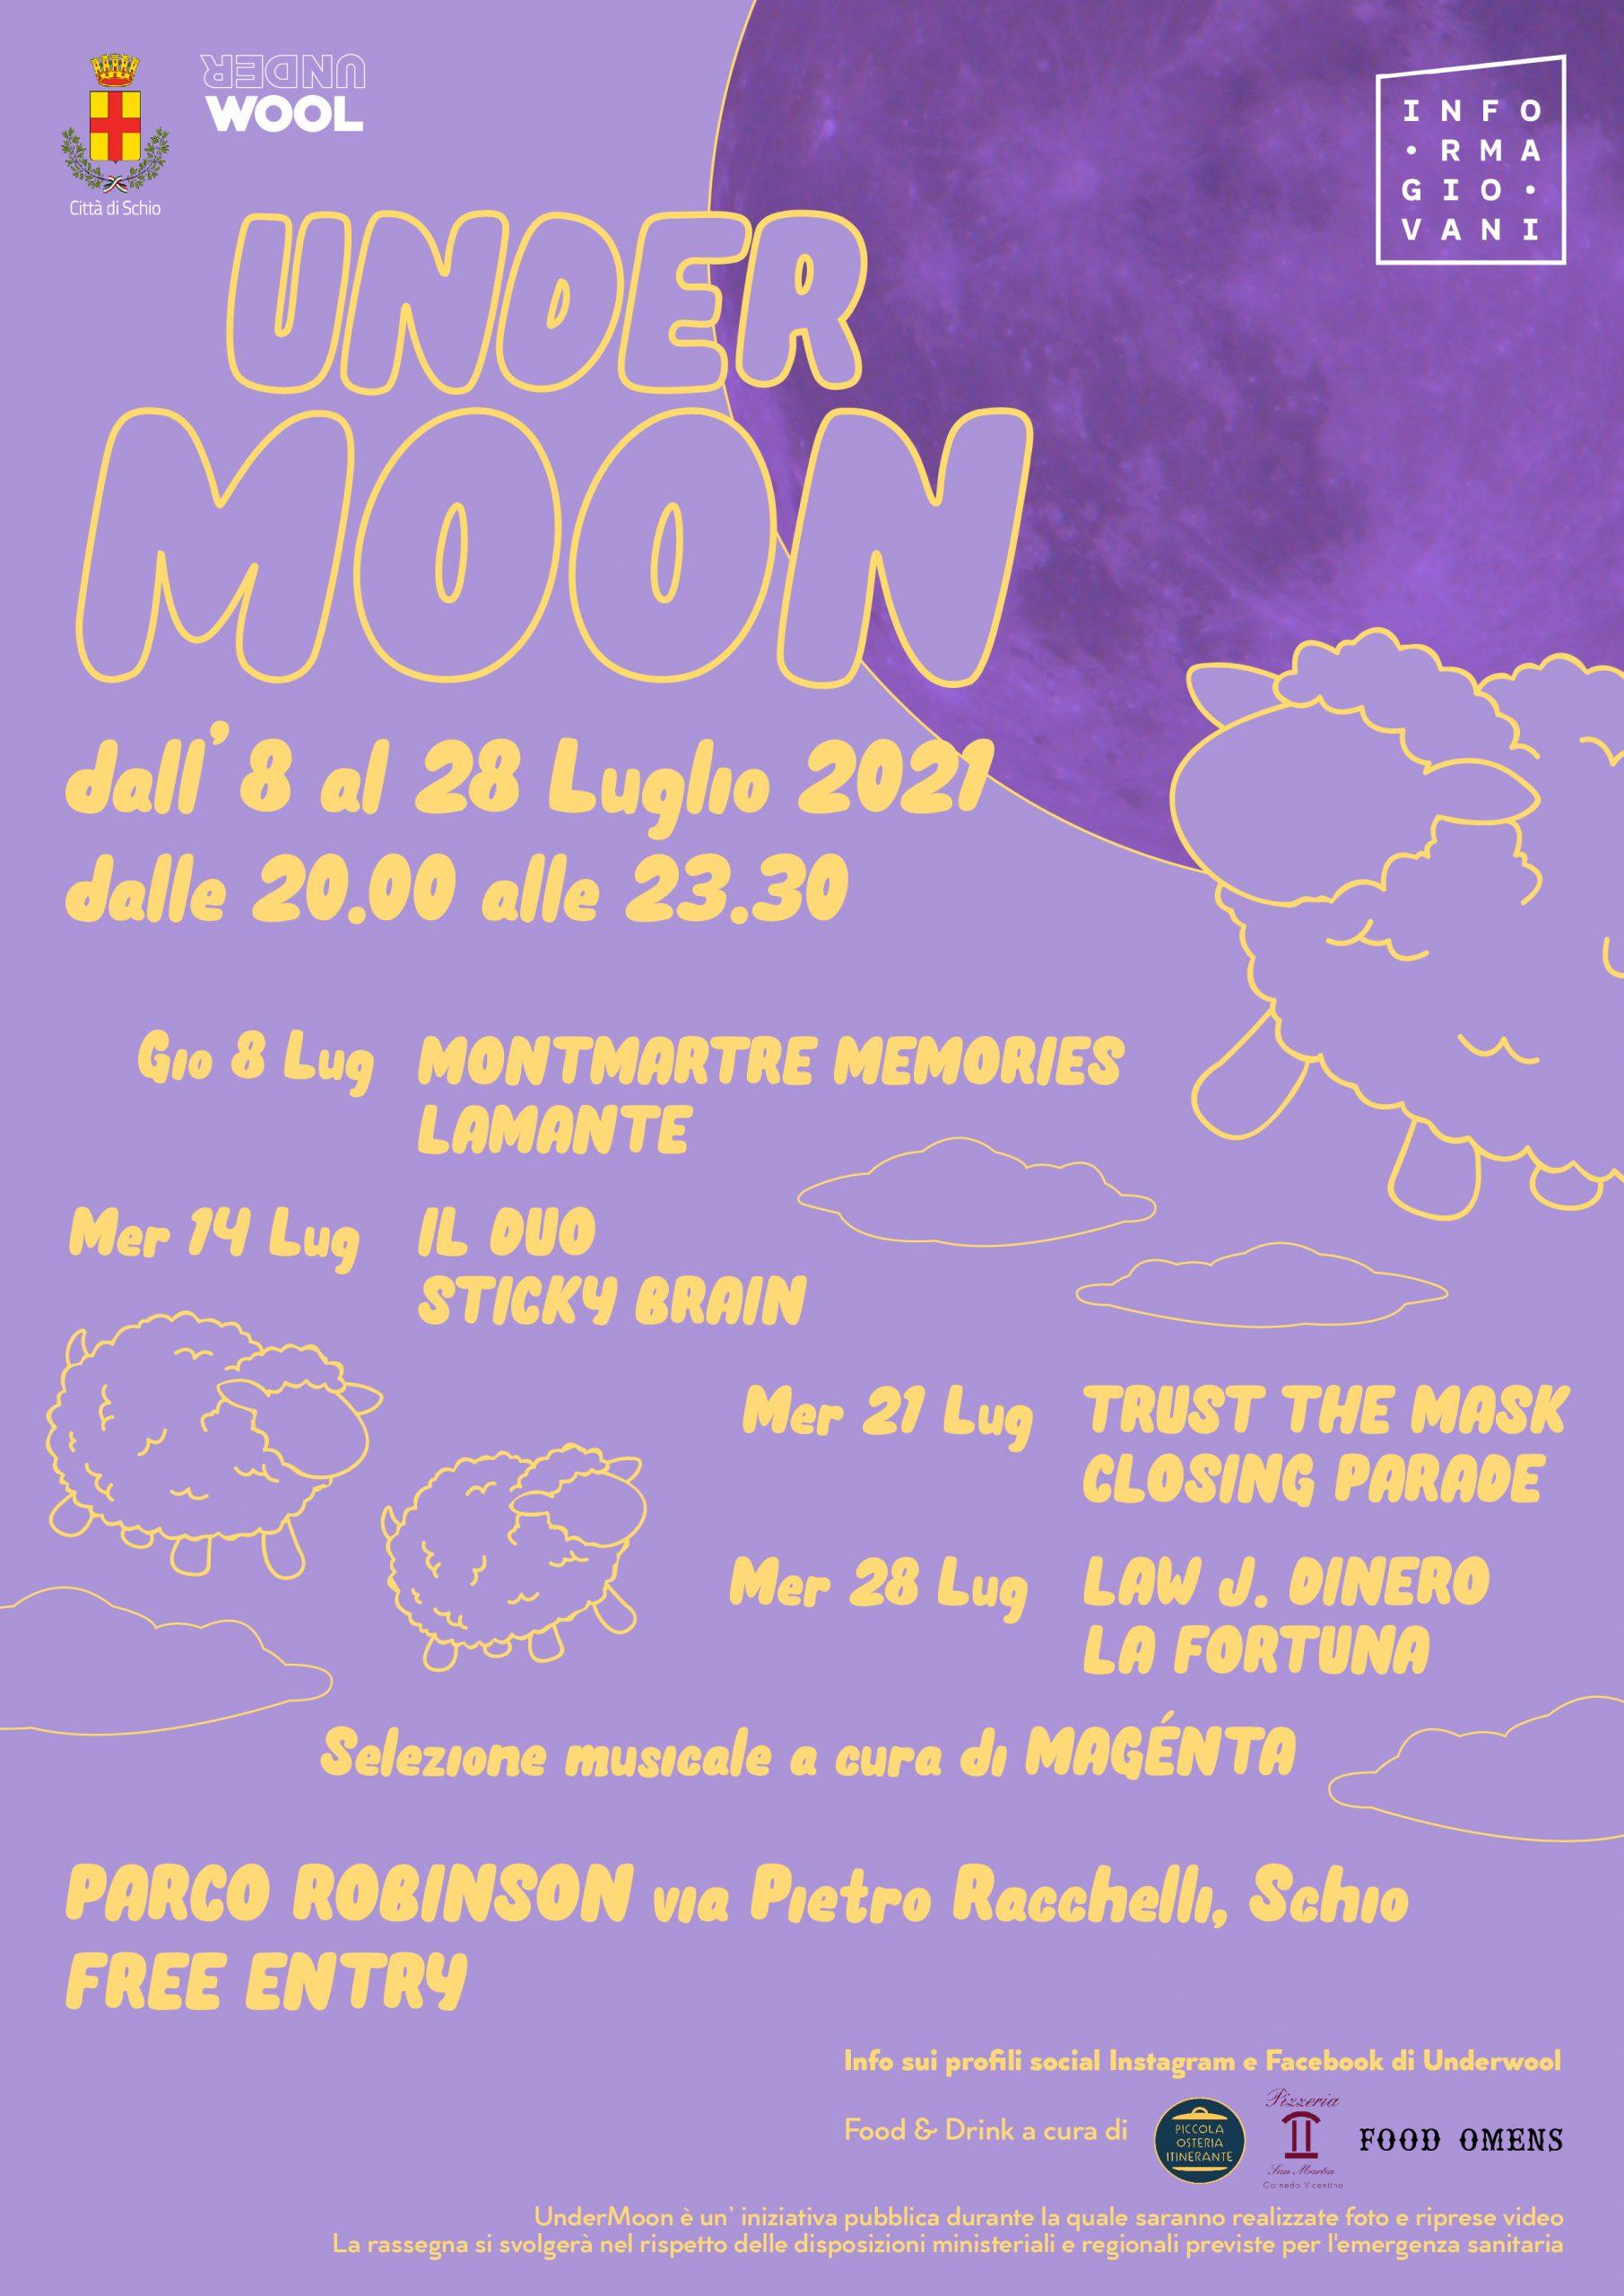 Undermoon 2021 | Musica al Parco Robinson